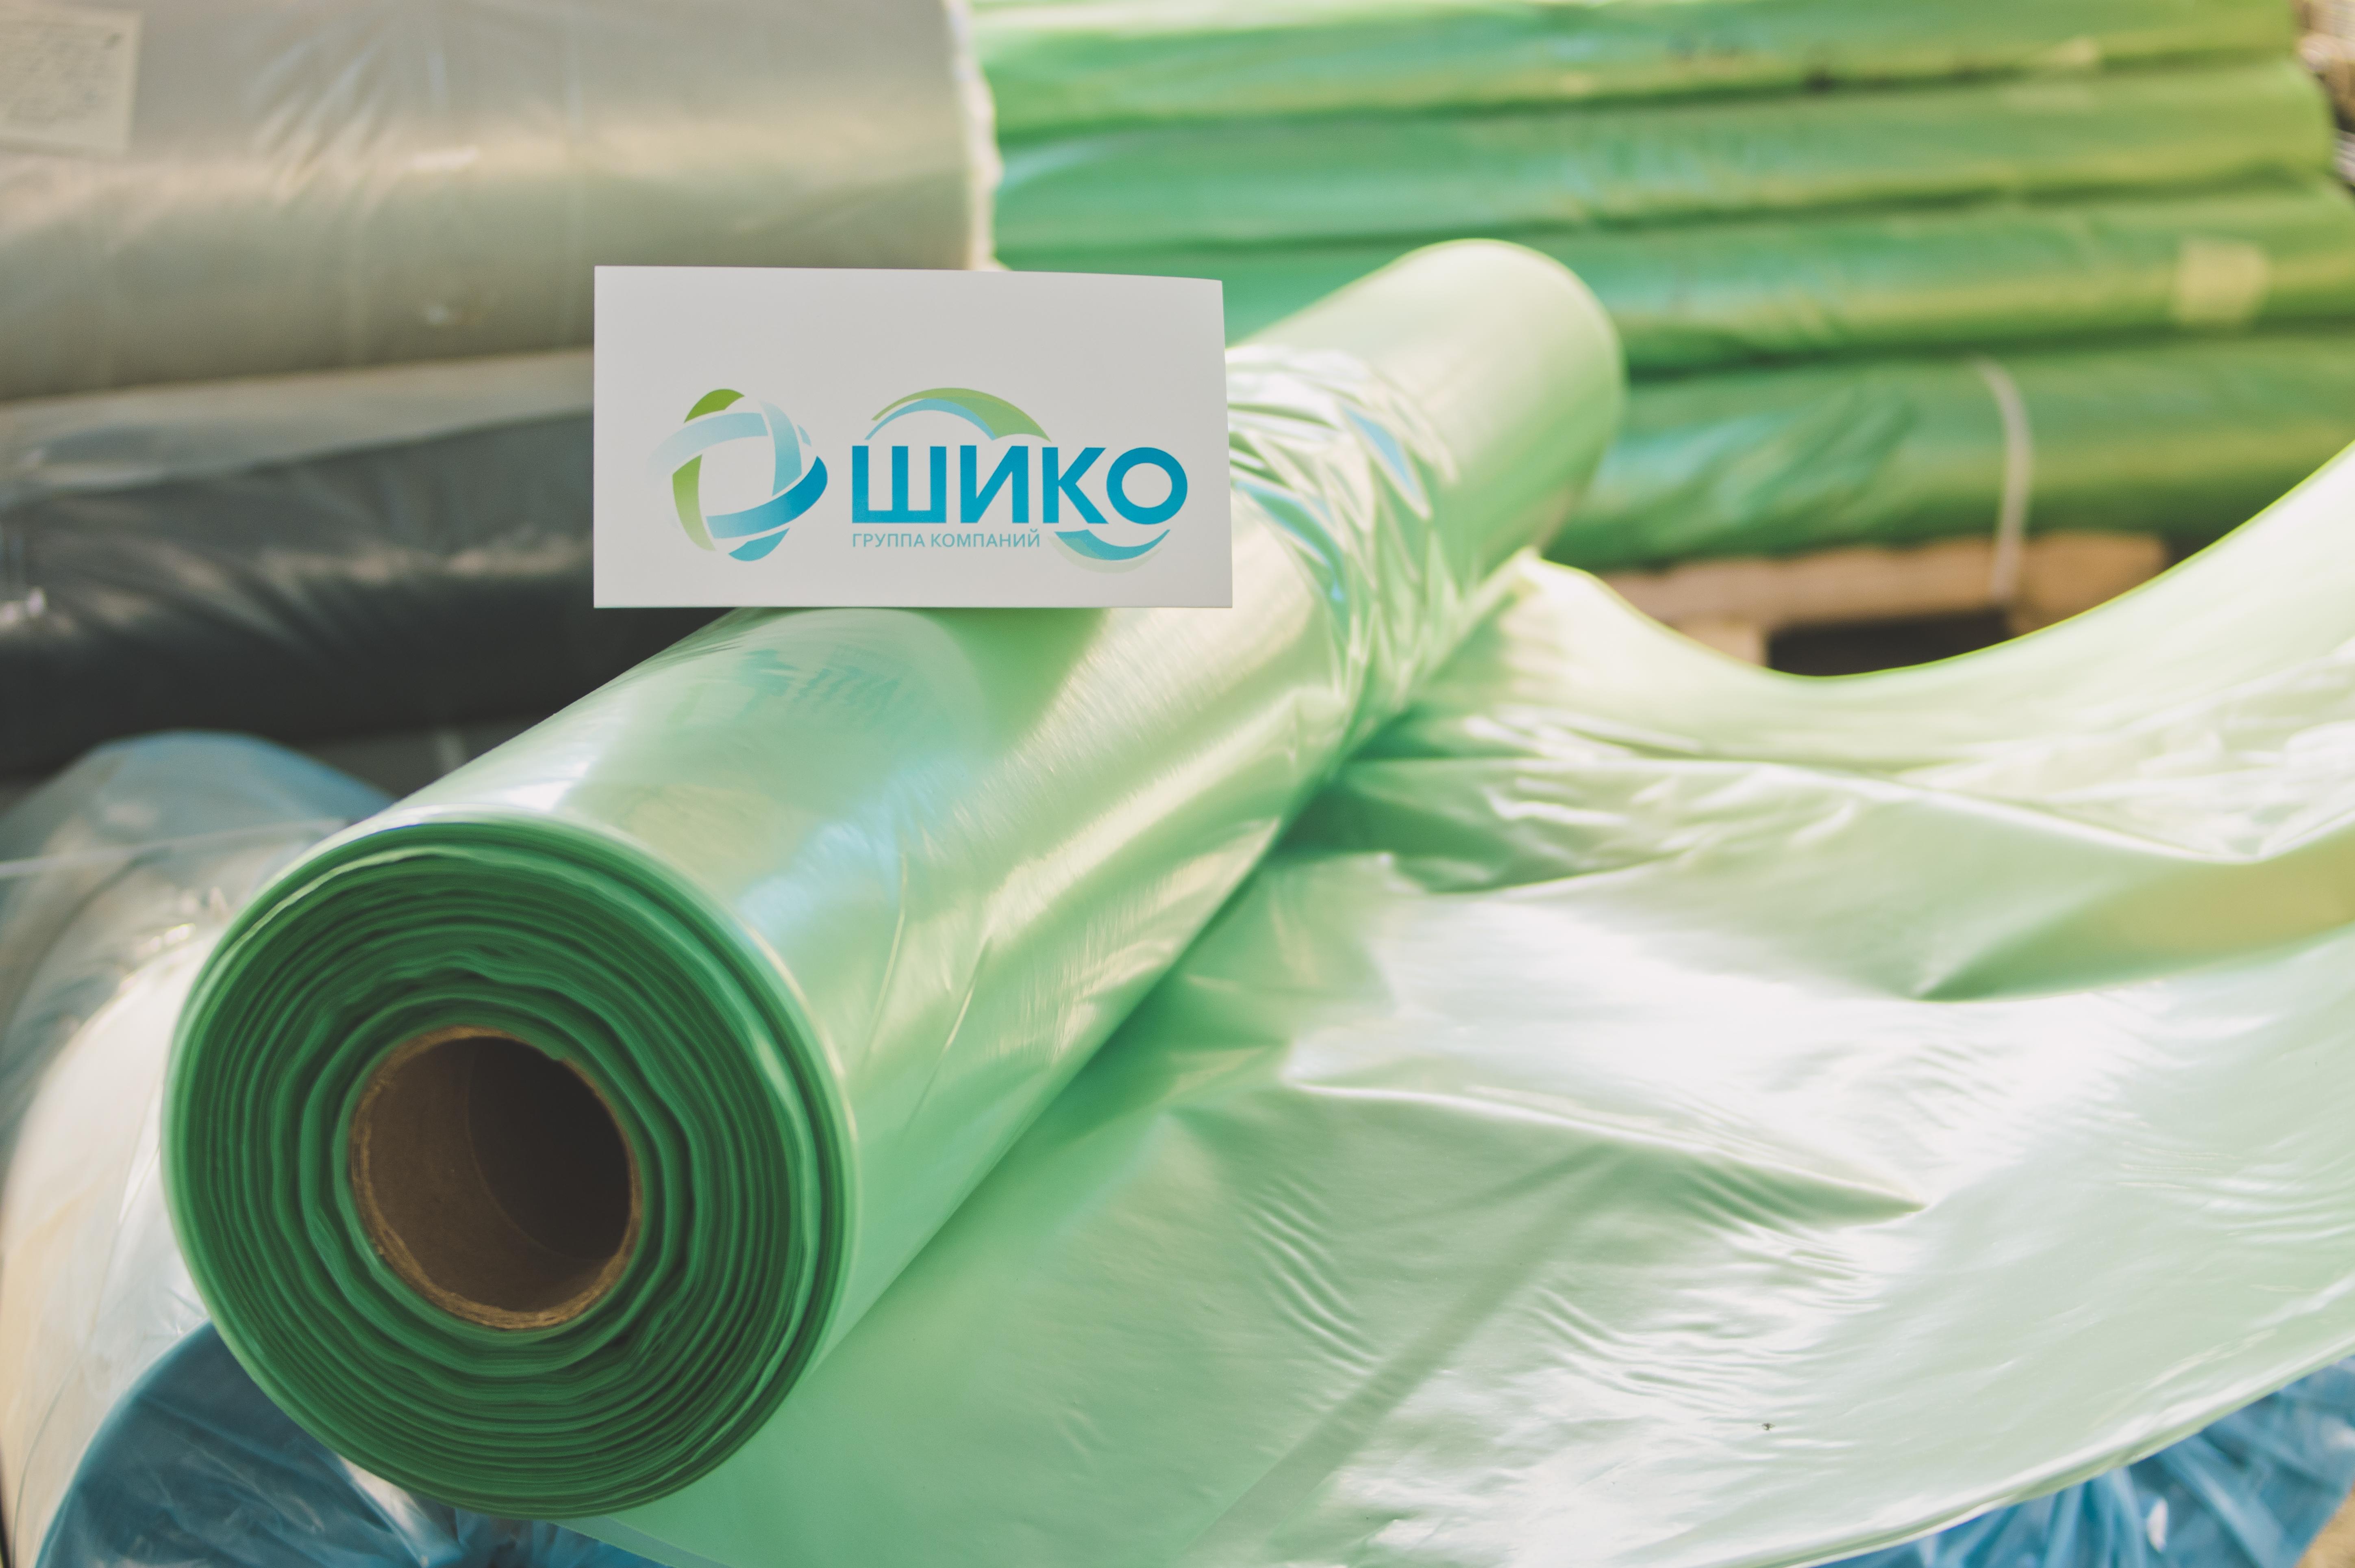 Парниковая пленка Зеленый Мир с логотипом Шико